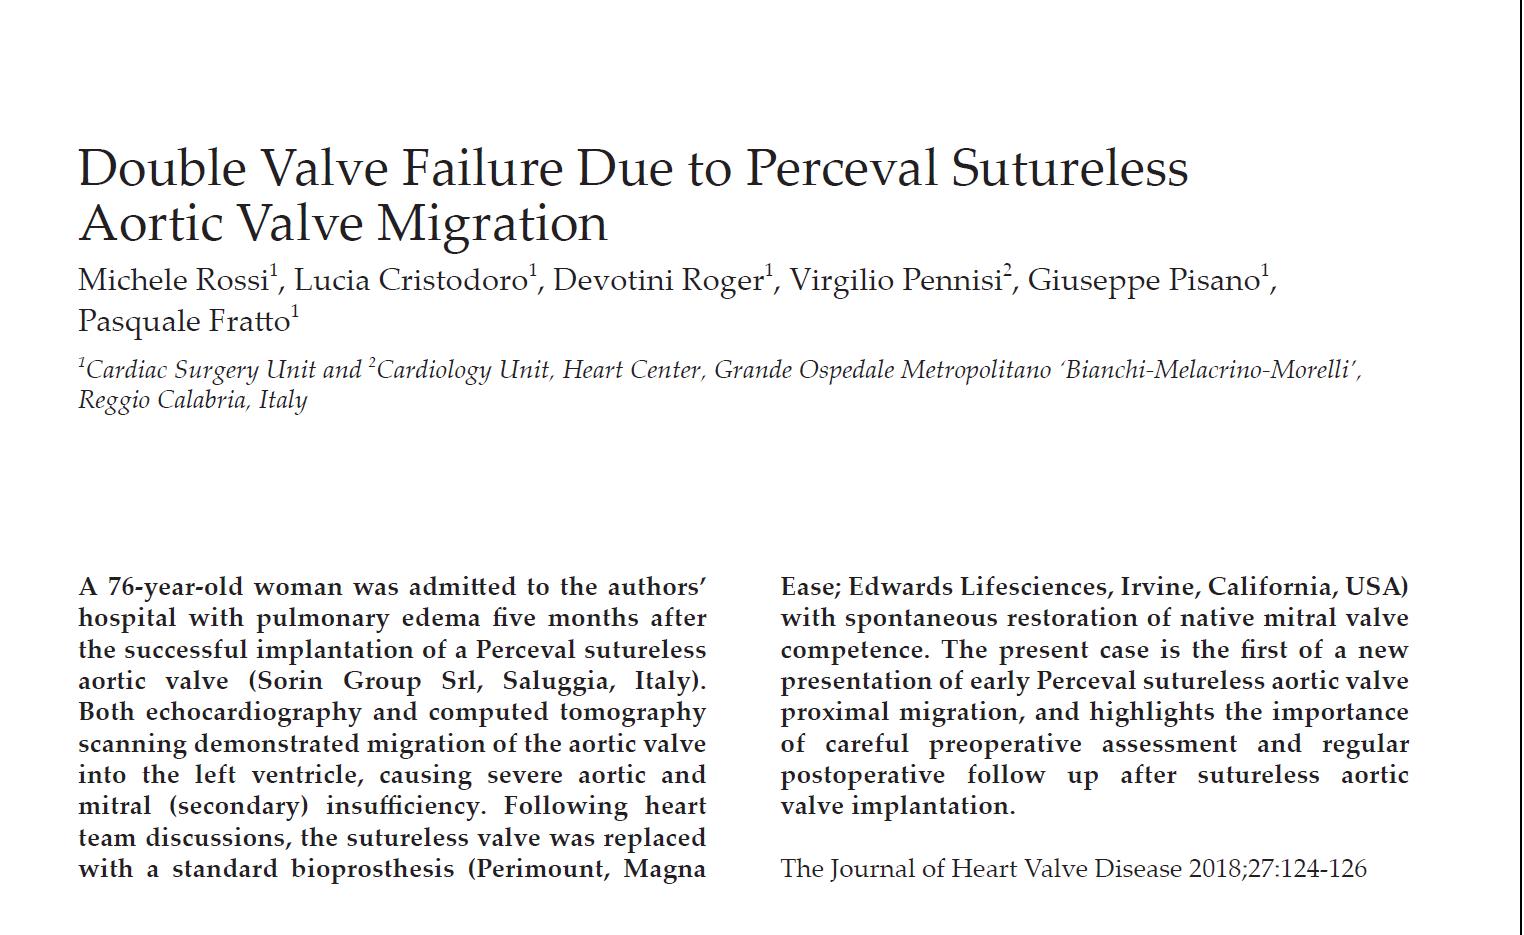 articolo pubblicato su The Journal of Heart Valve Disease,